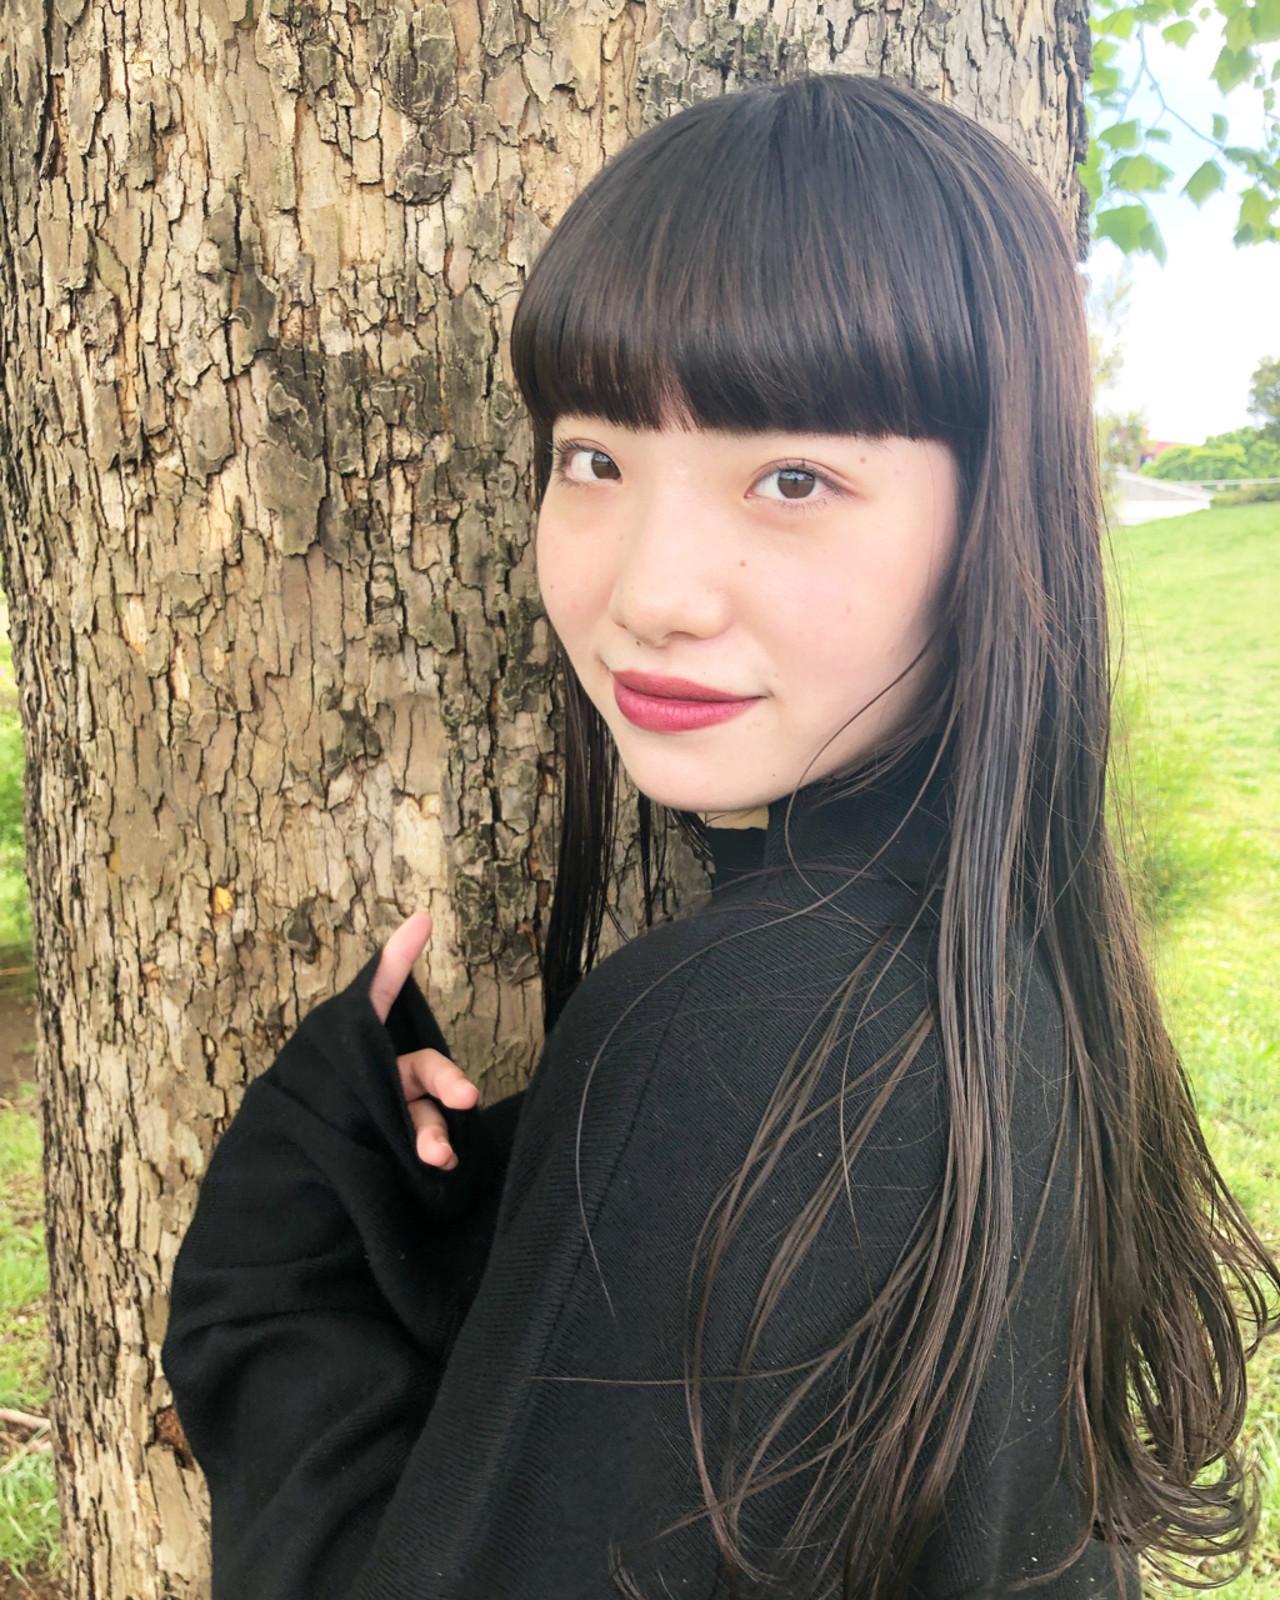 重め前髪が印象的♡お嬢様風ストレートロングヘア 伊藤大樹